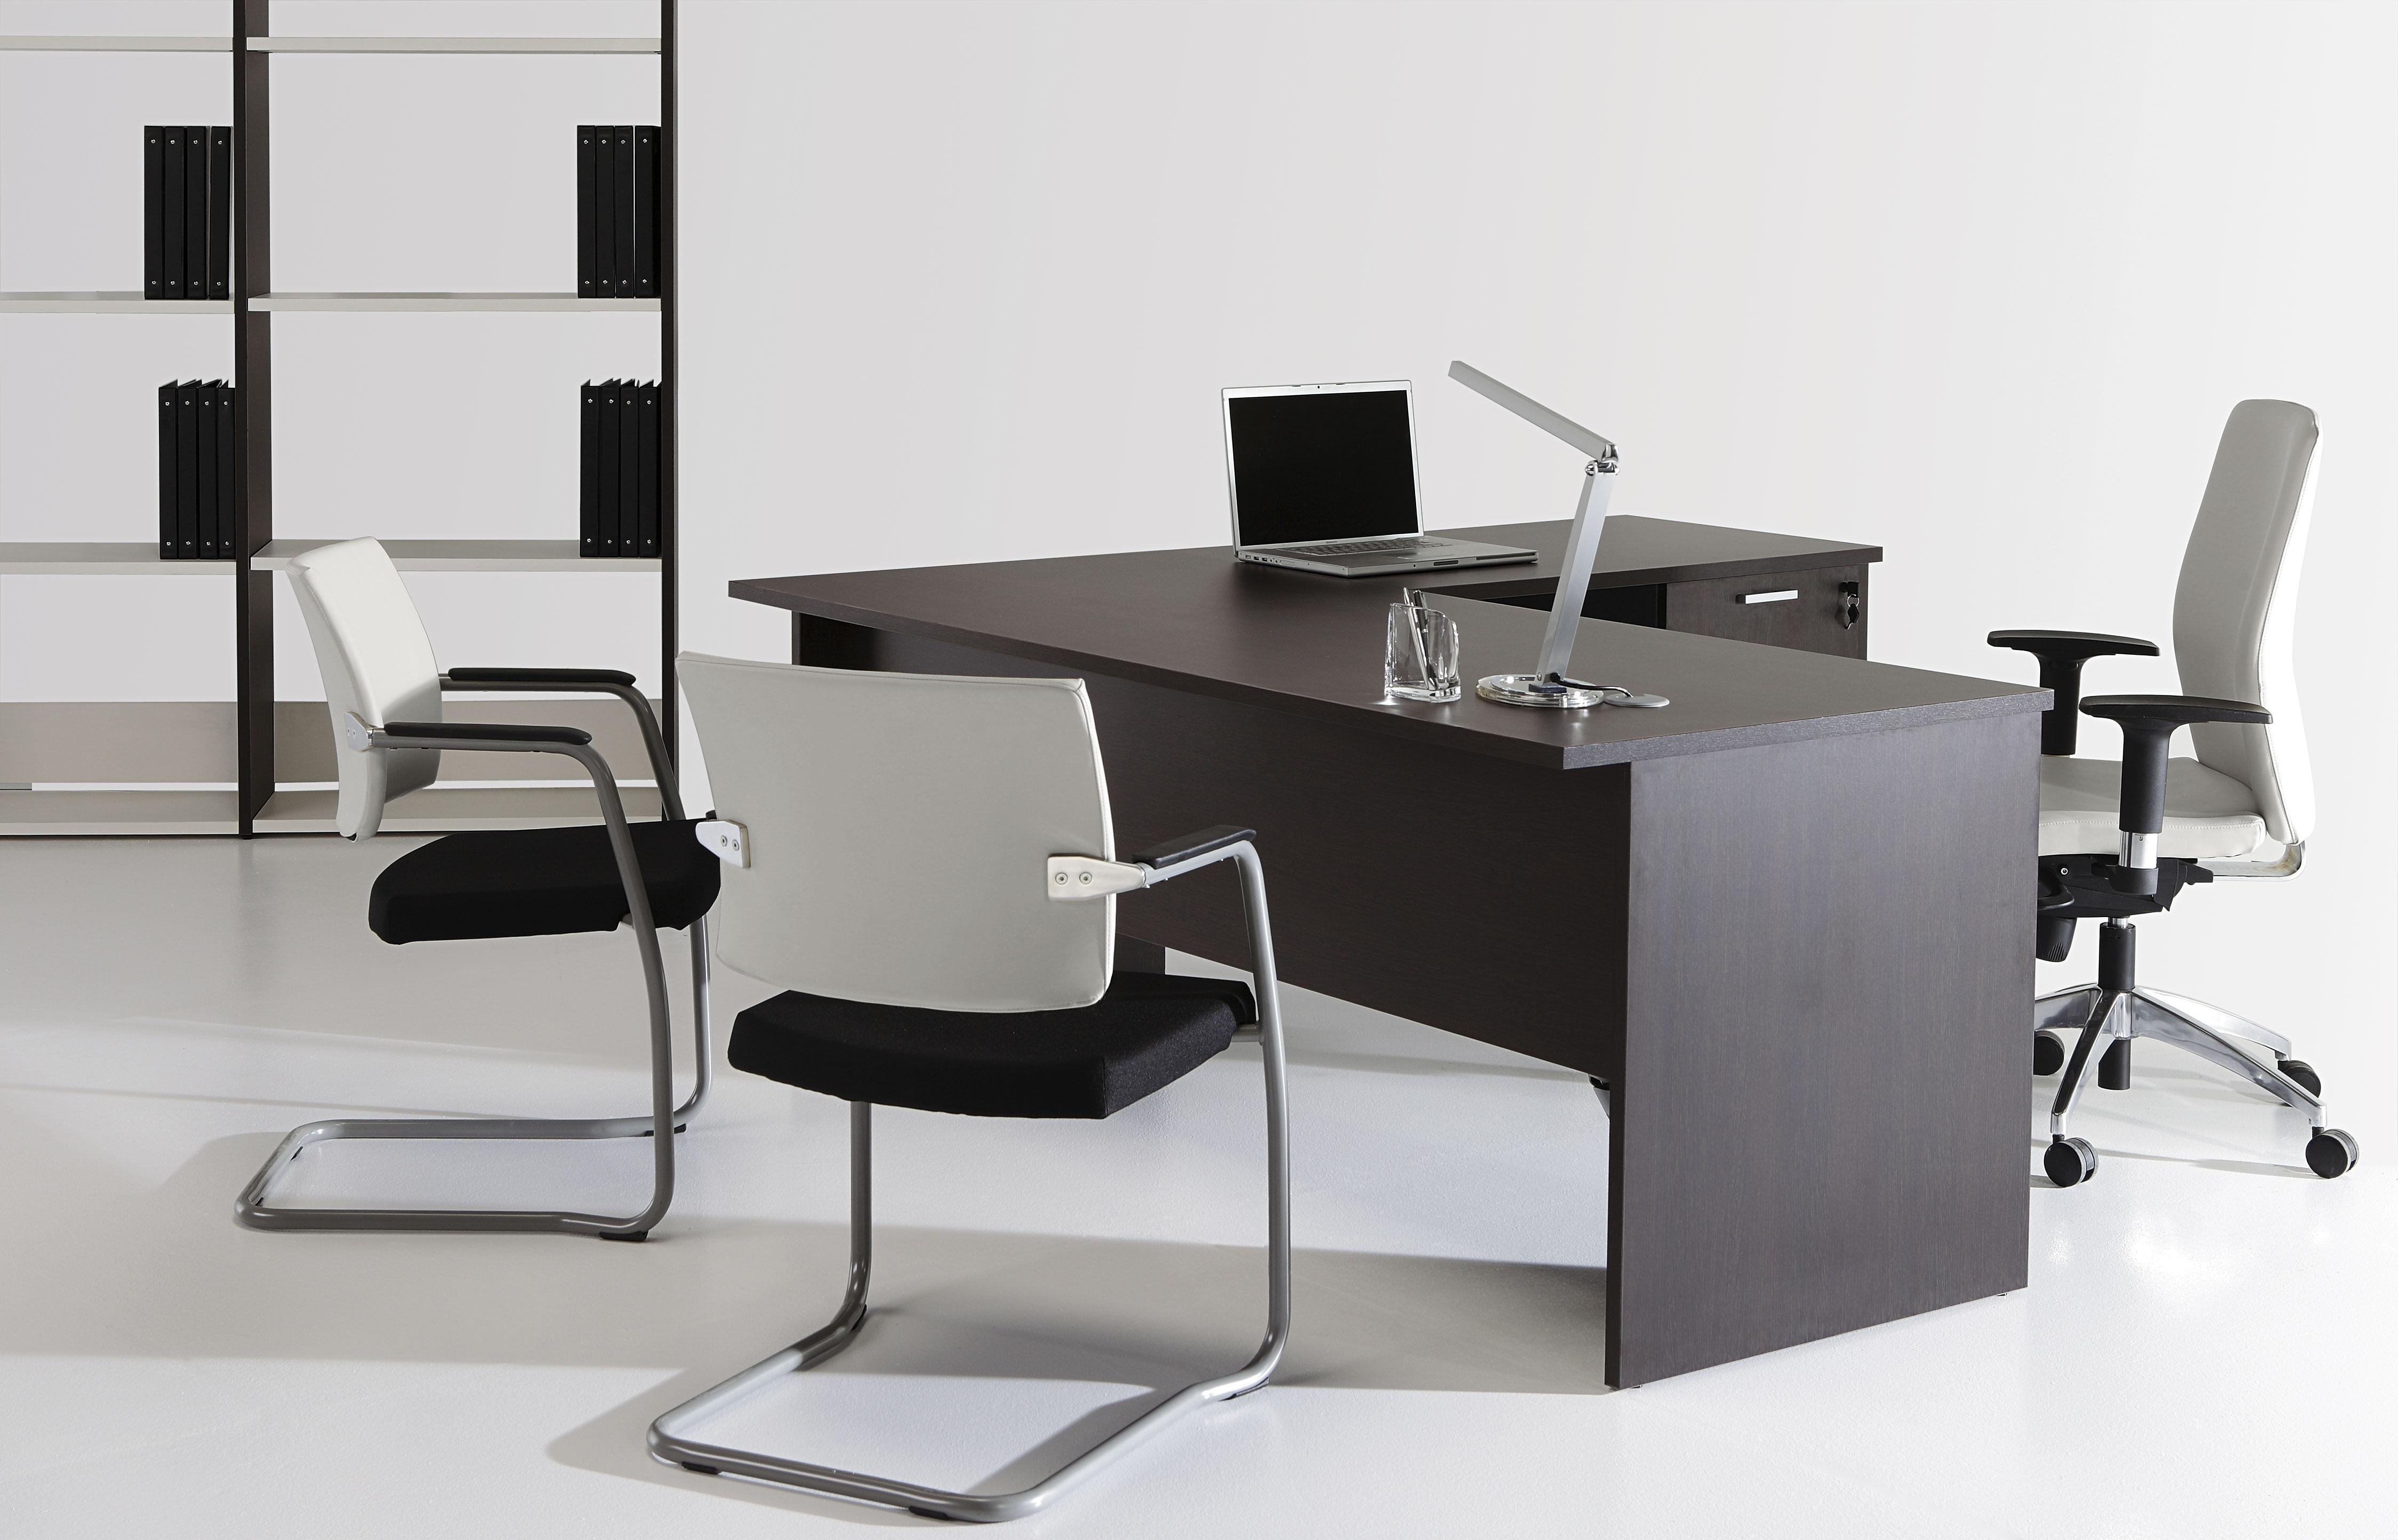 https://0201.nccdn.net/4_2/000/000/064/d40/mobiliario-oficina-las-palmas-nuevas-ofertas-de-muebles-de-oficina-en-mobiofi-busca-y-decora-with-mobiliario-oficina-las-palmas-4496x2888.jpg